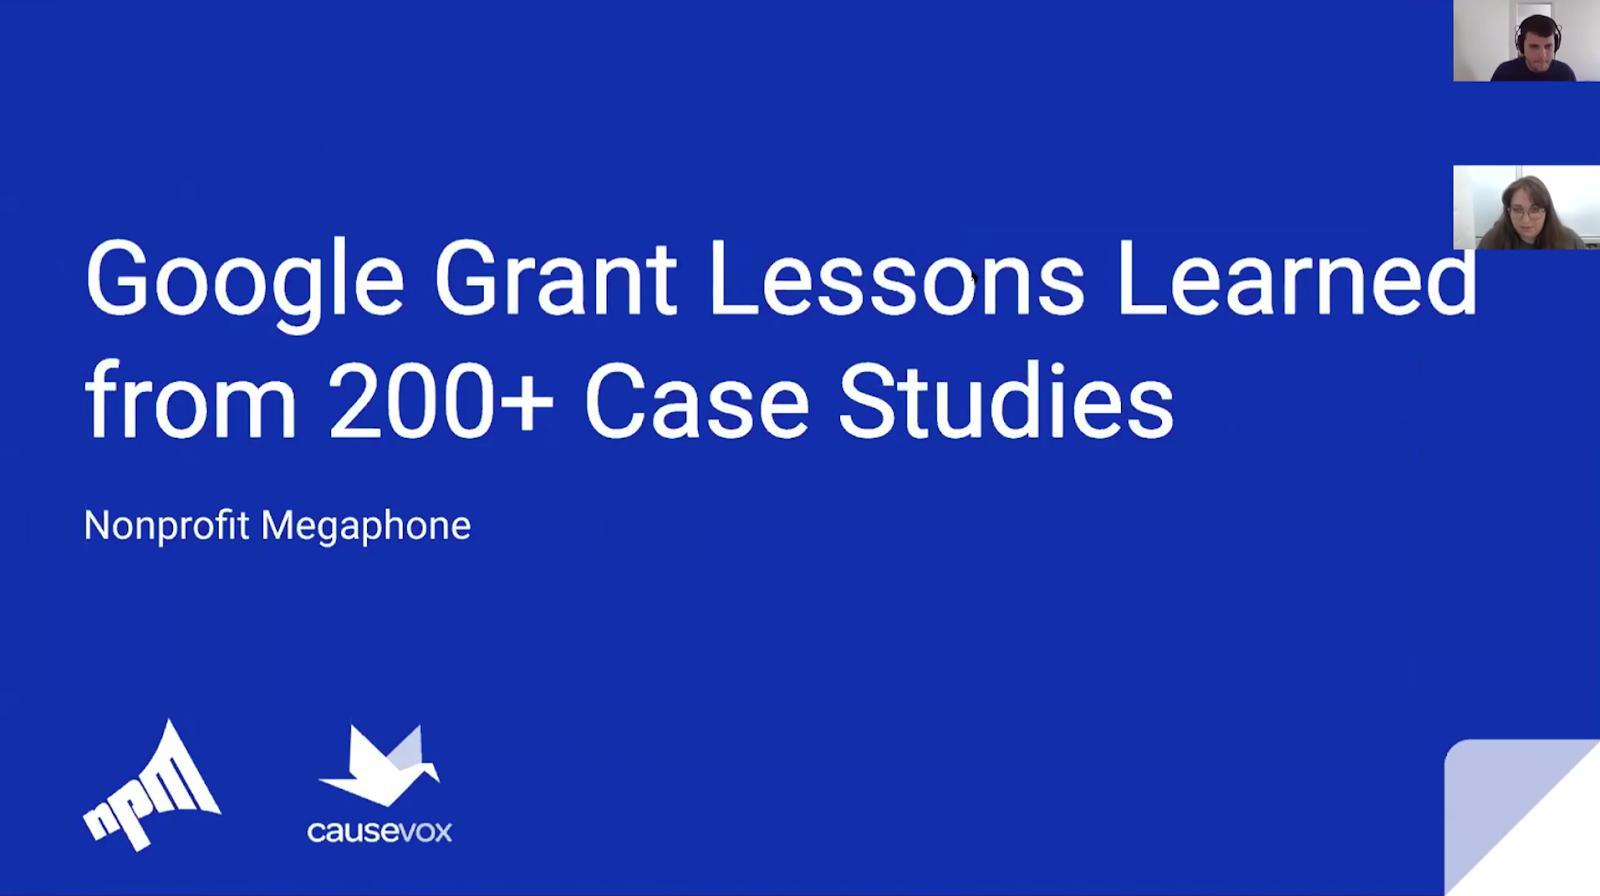 digital-fundraising-summit-insights-google-grant